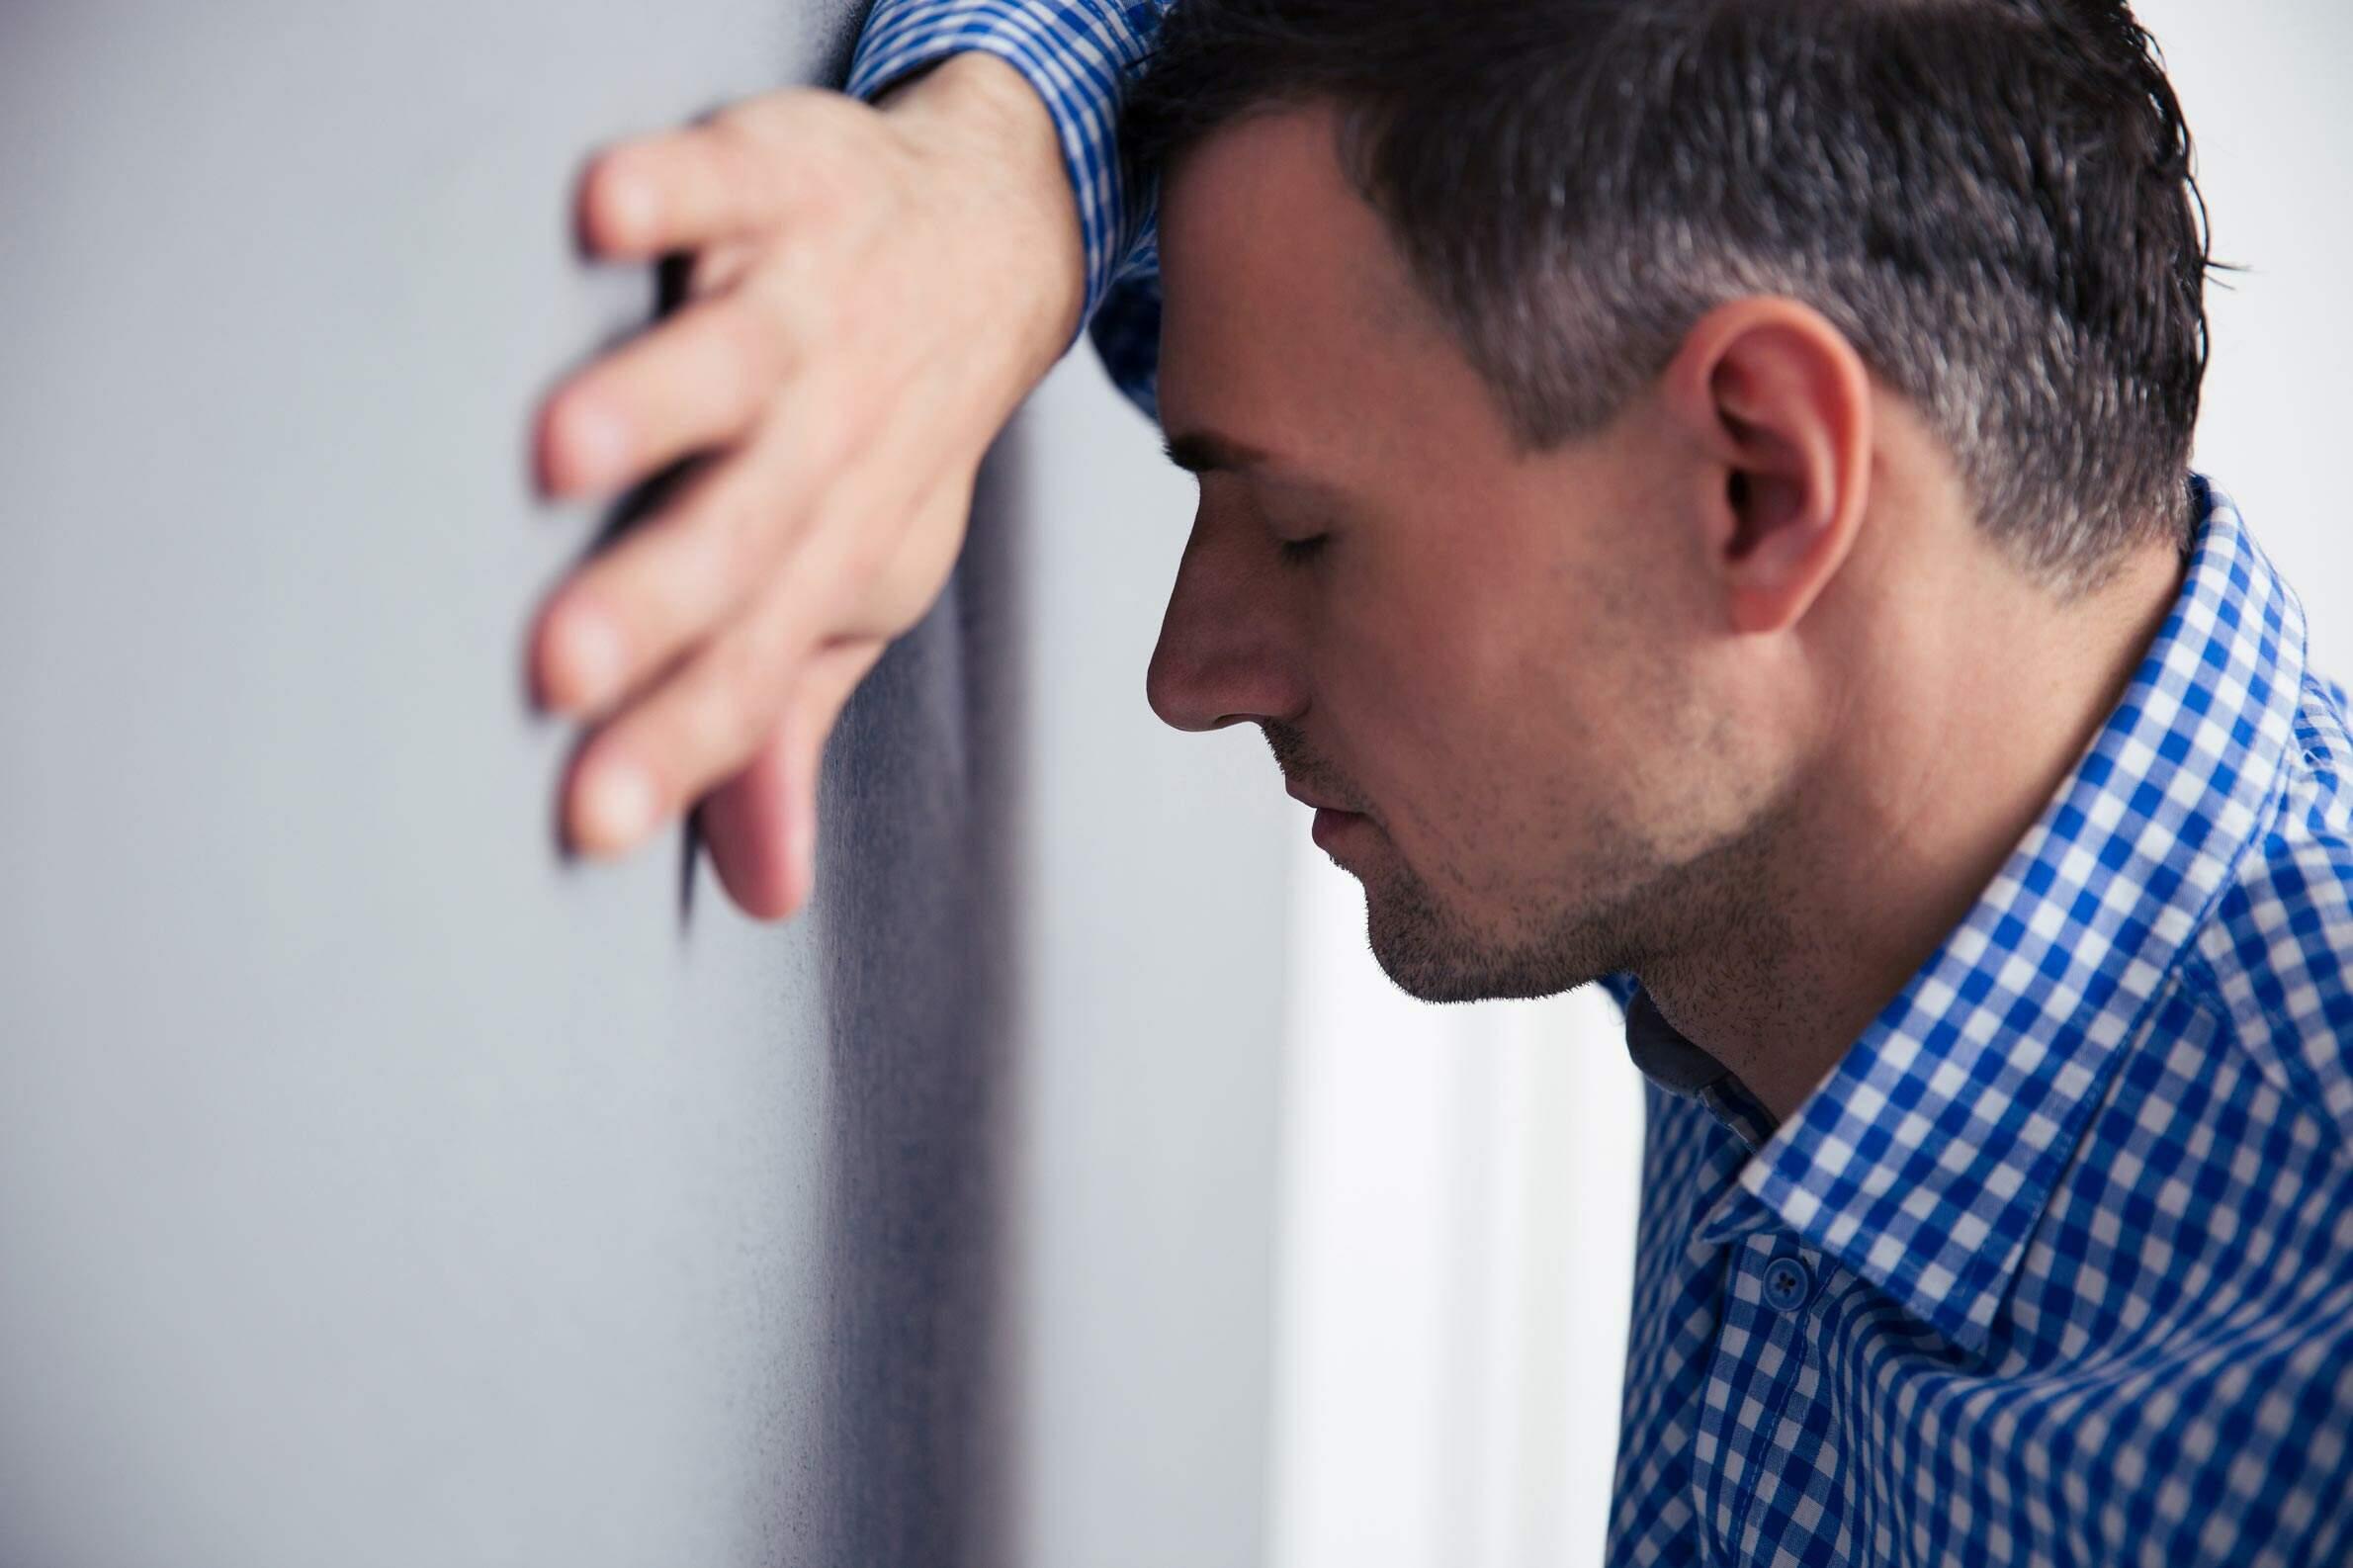 Crise de abstinência como lidar com a situação